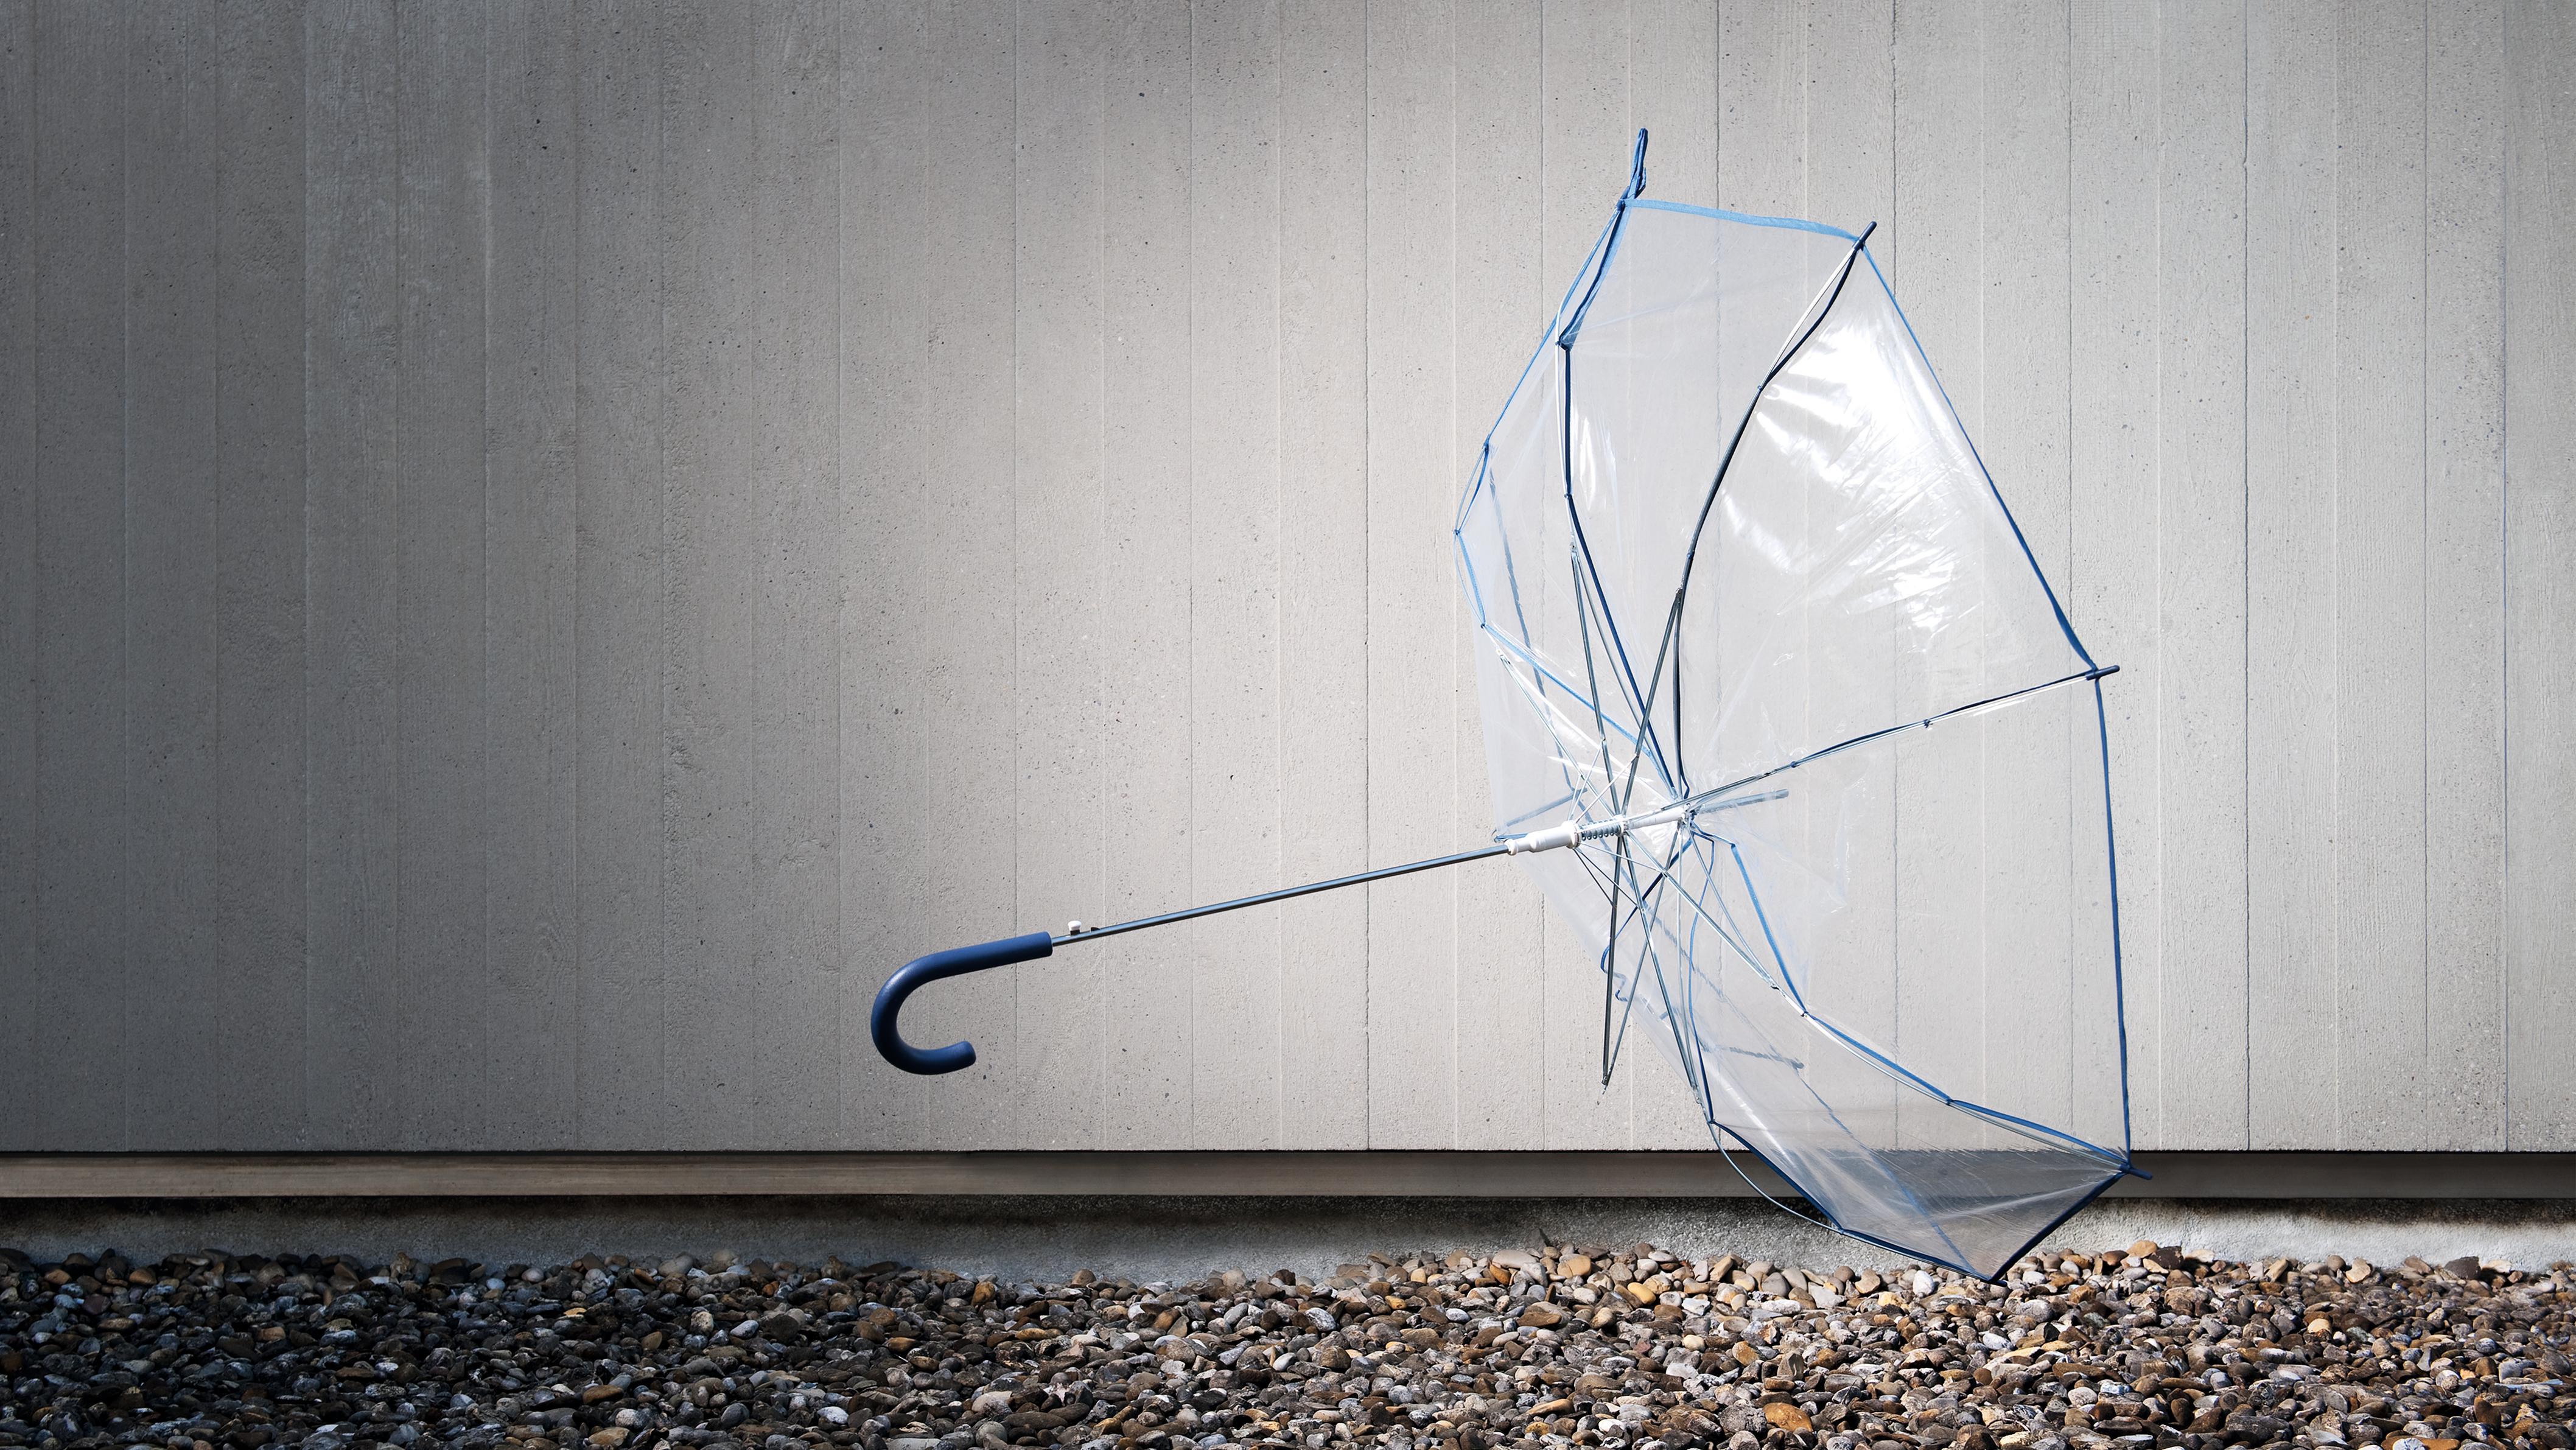 Ein durchsichtiger Regenschirm wird vom Wind weggeweht.